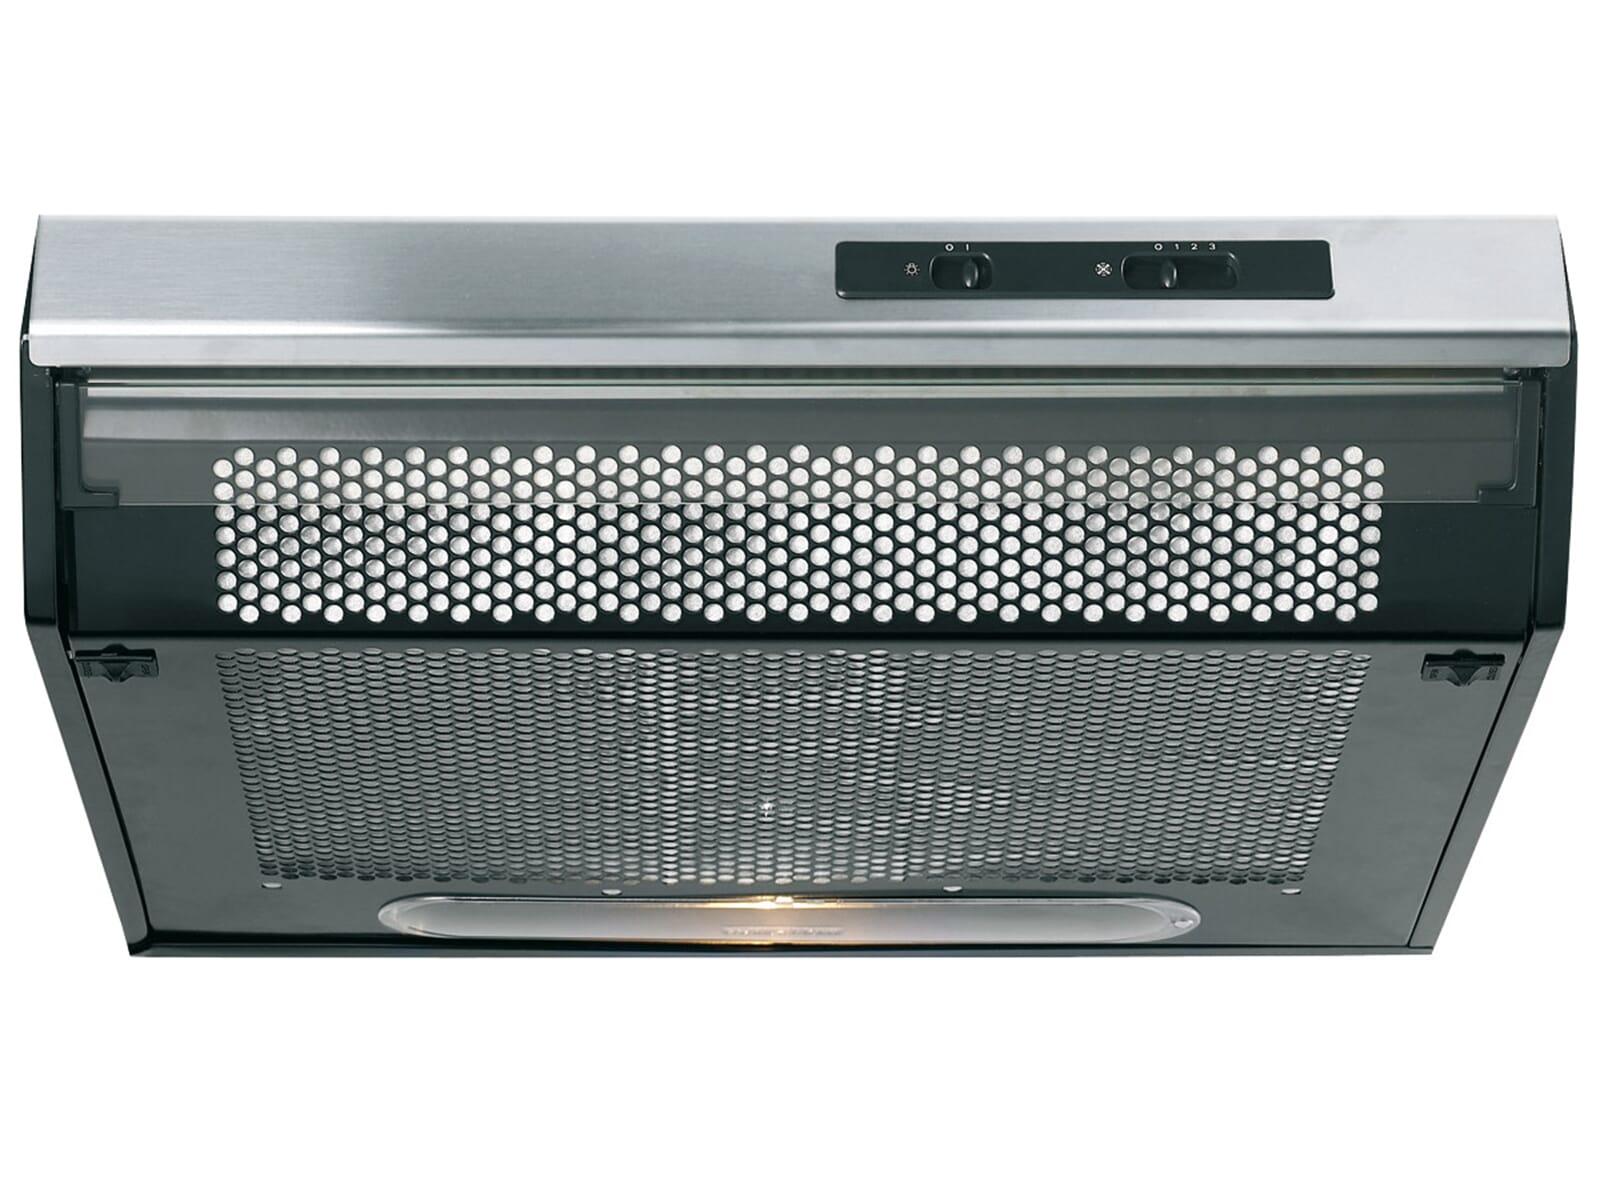 Die Gorenje DU 6111 E Unterbau Dunstabzugshaube befreit Ihre Küche zuverlässig von Kochdampf und sorgt stets für reine Luft.